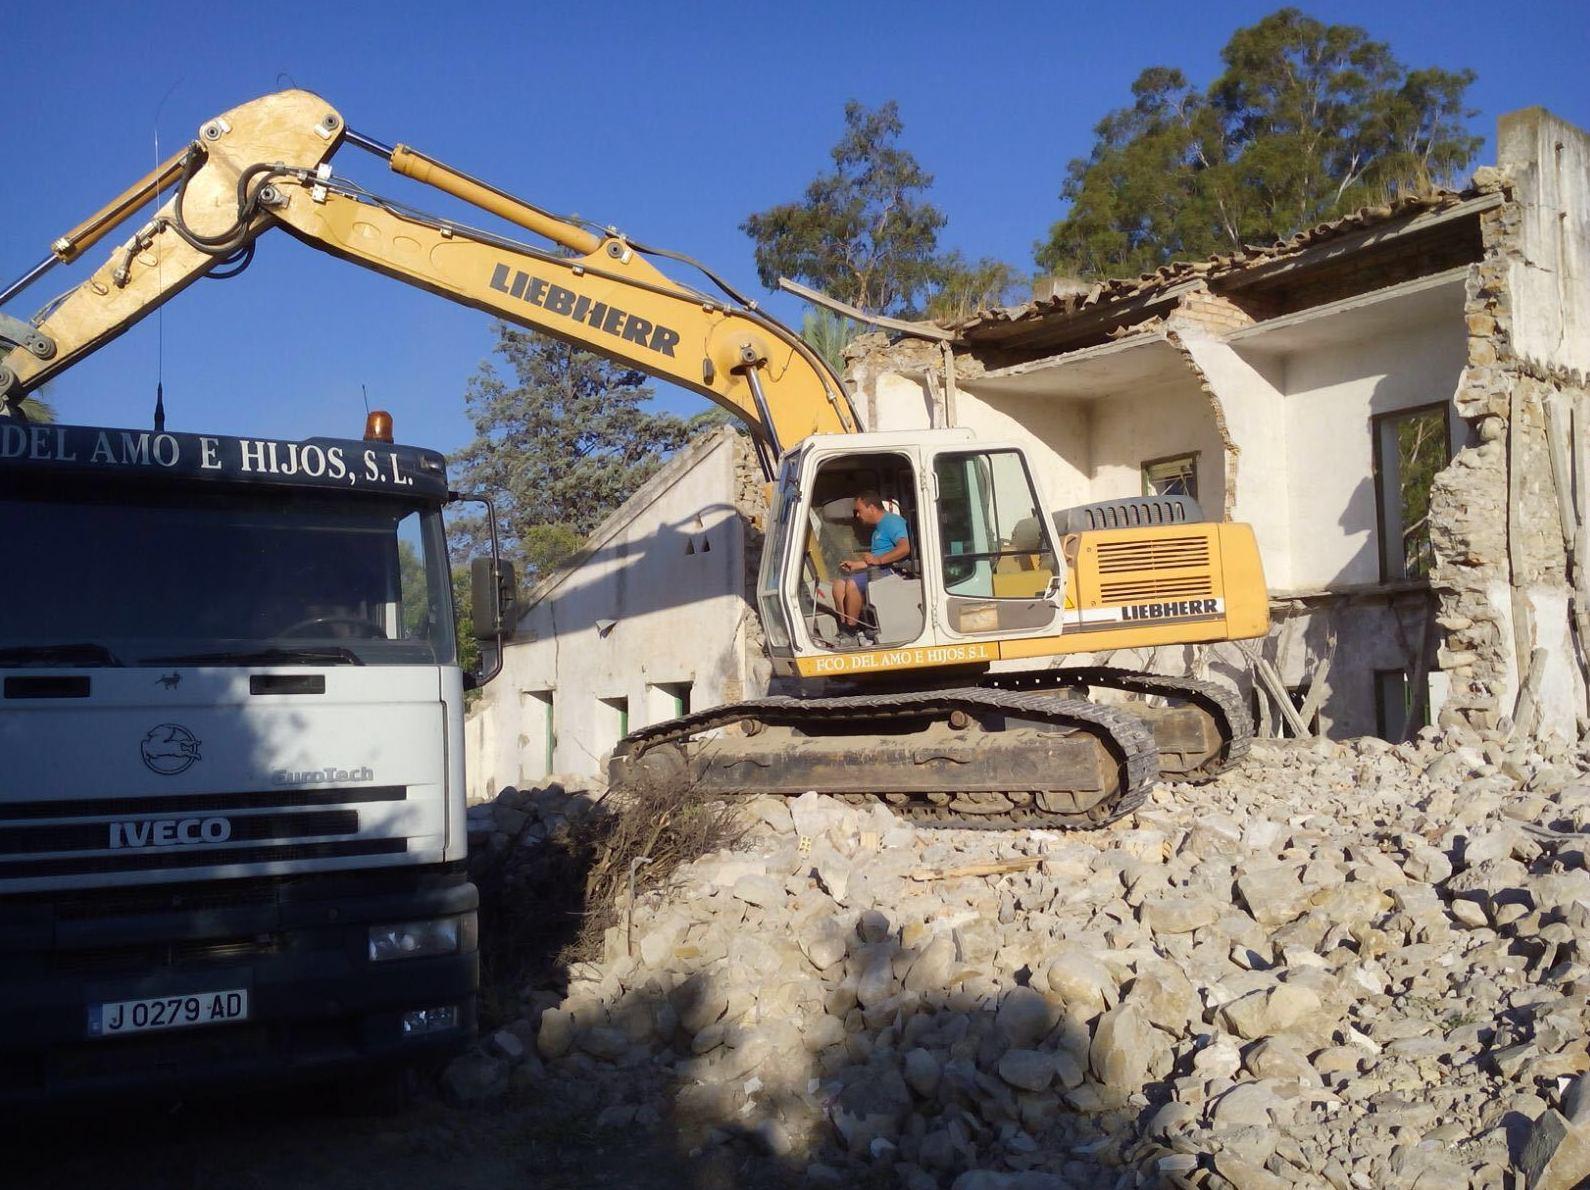 Foto 10 de Excavaciones en Navas de Tolosa | Francisco del Amo e Hijos